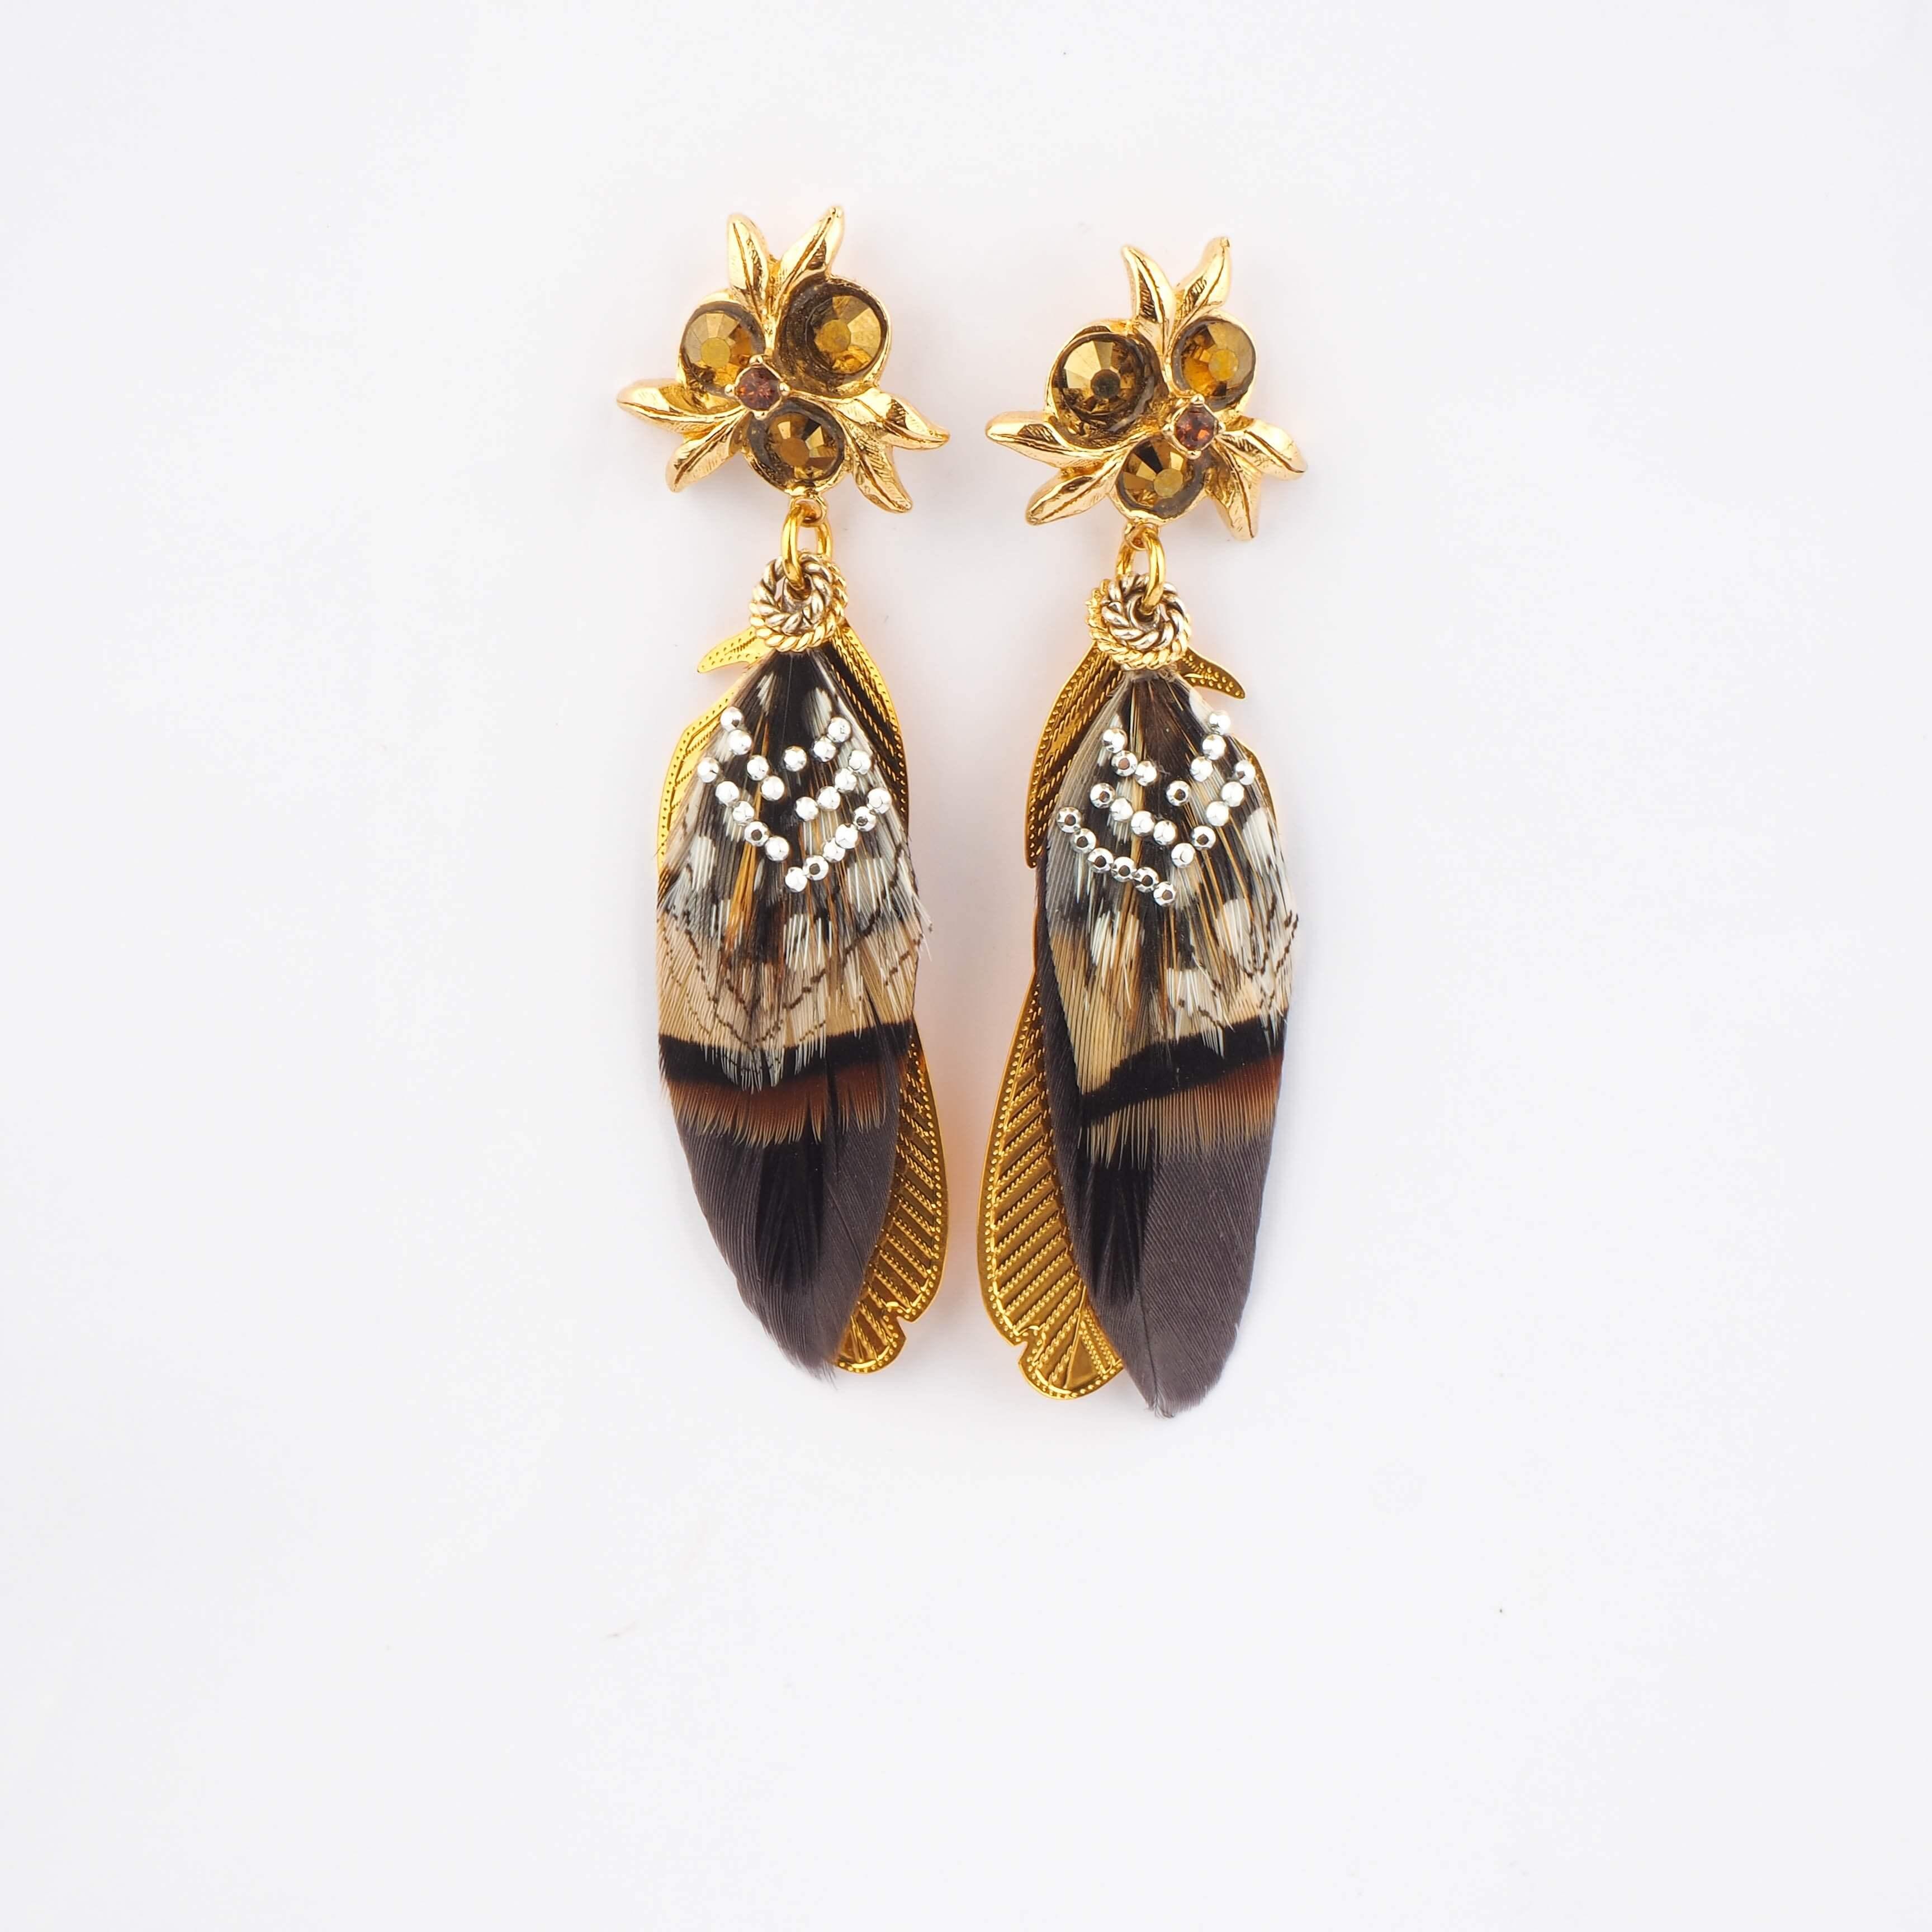 Boucles d'oreilles Sasha - Gas bijoux